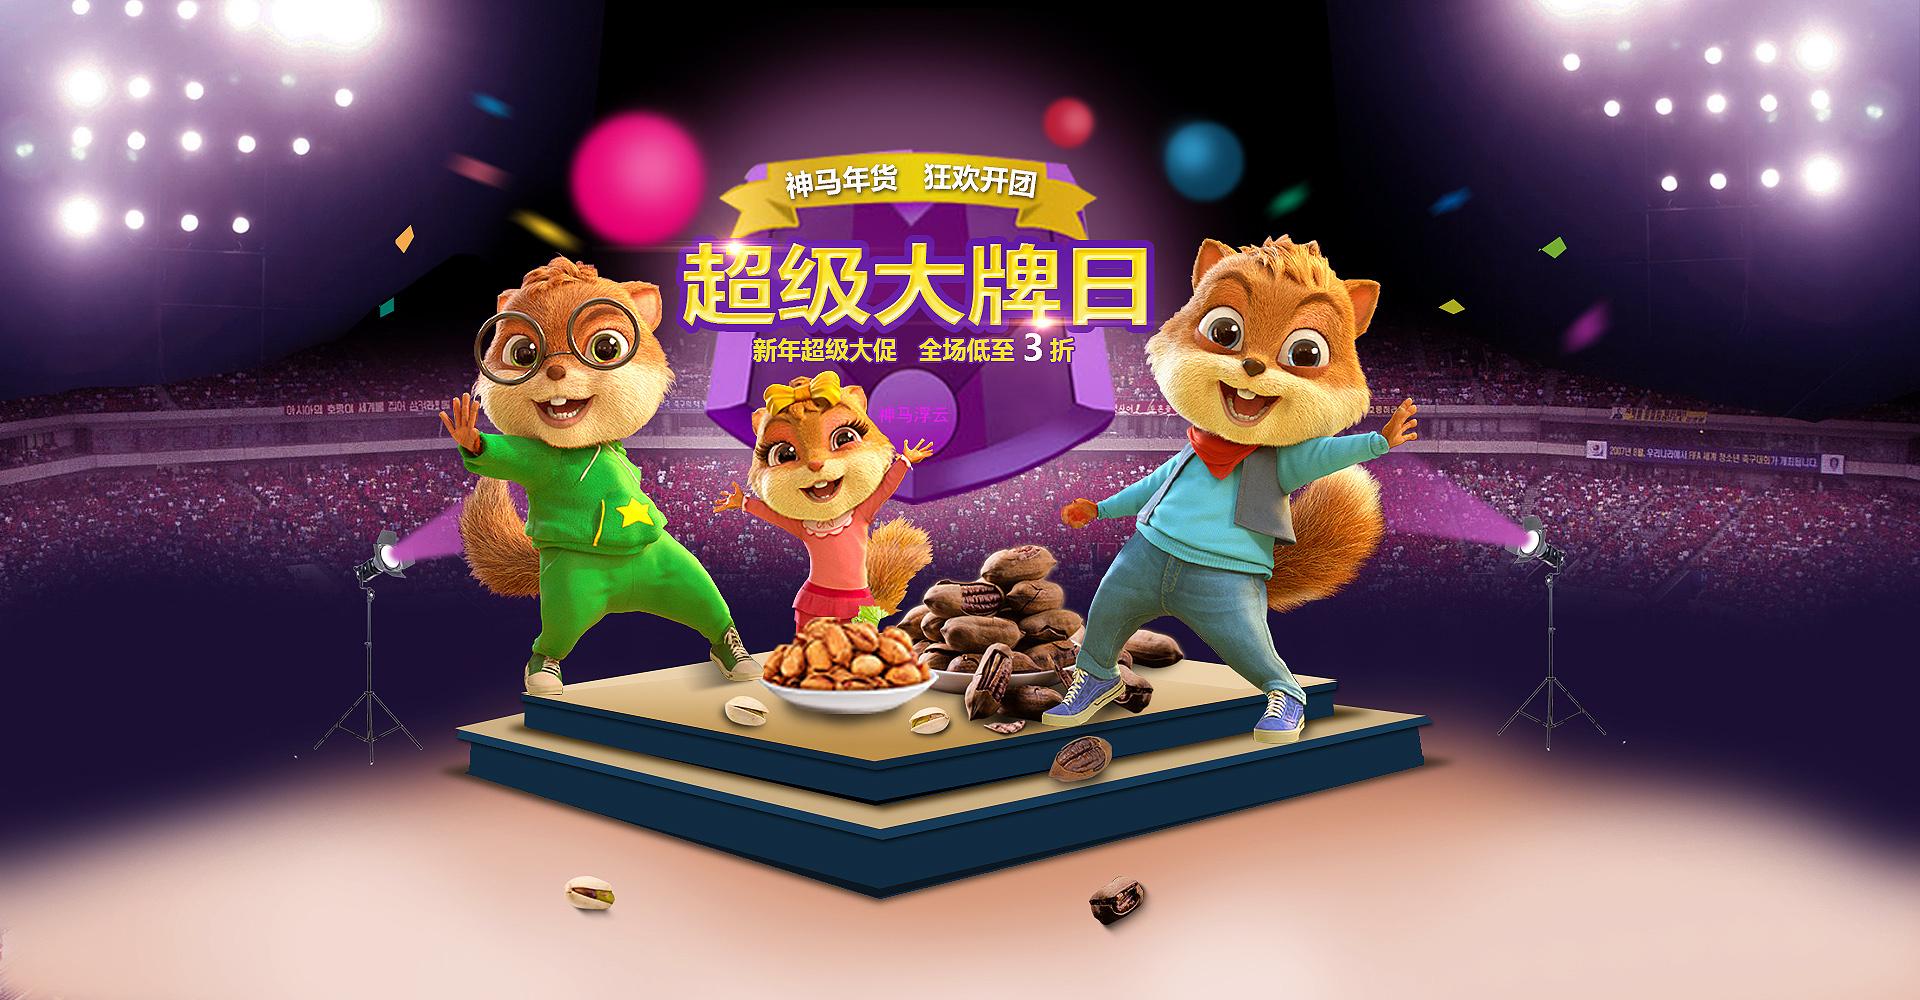 三只松鼠 banner临摹练习|网页|banner/广告图|世界大图片